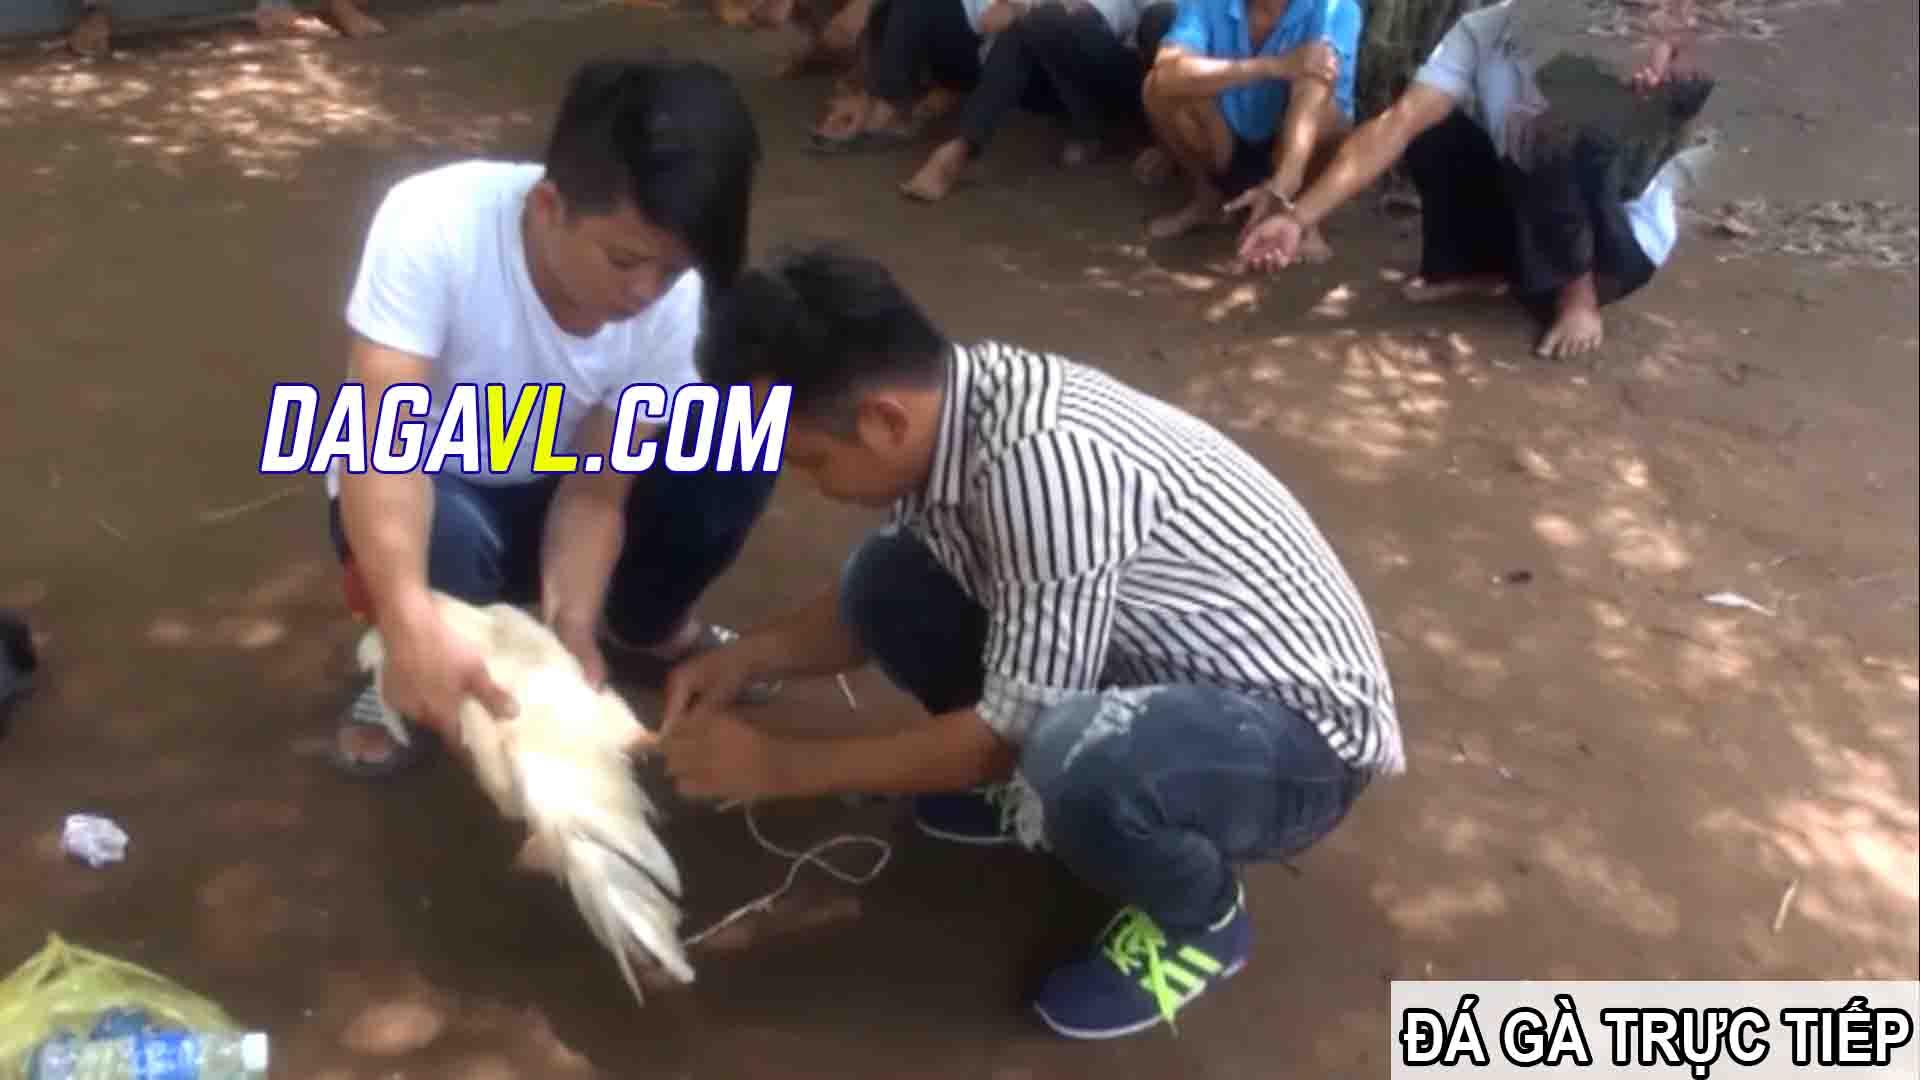 DAGAVL.COM - Đá gà trực tiếp - Bắt 21 đối tượng đá gà ăn tiền tại Vũng Liêm